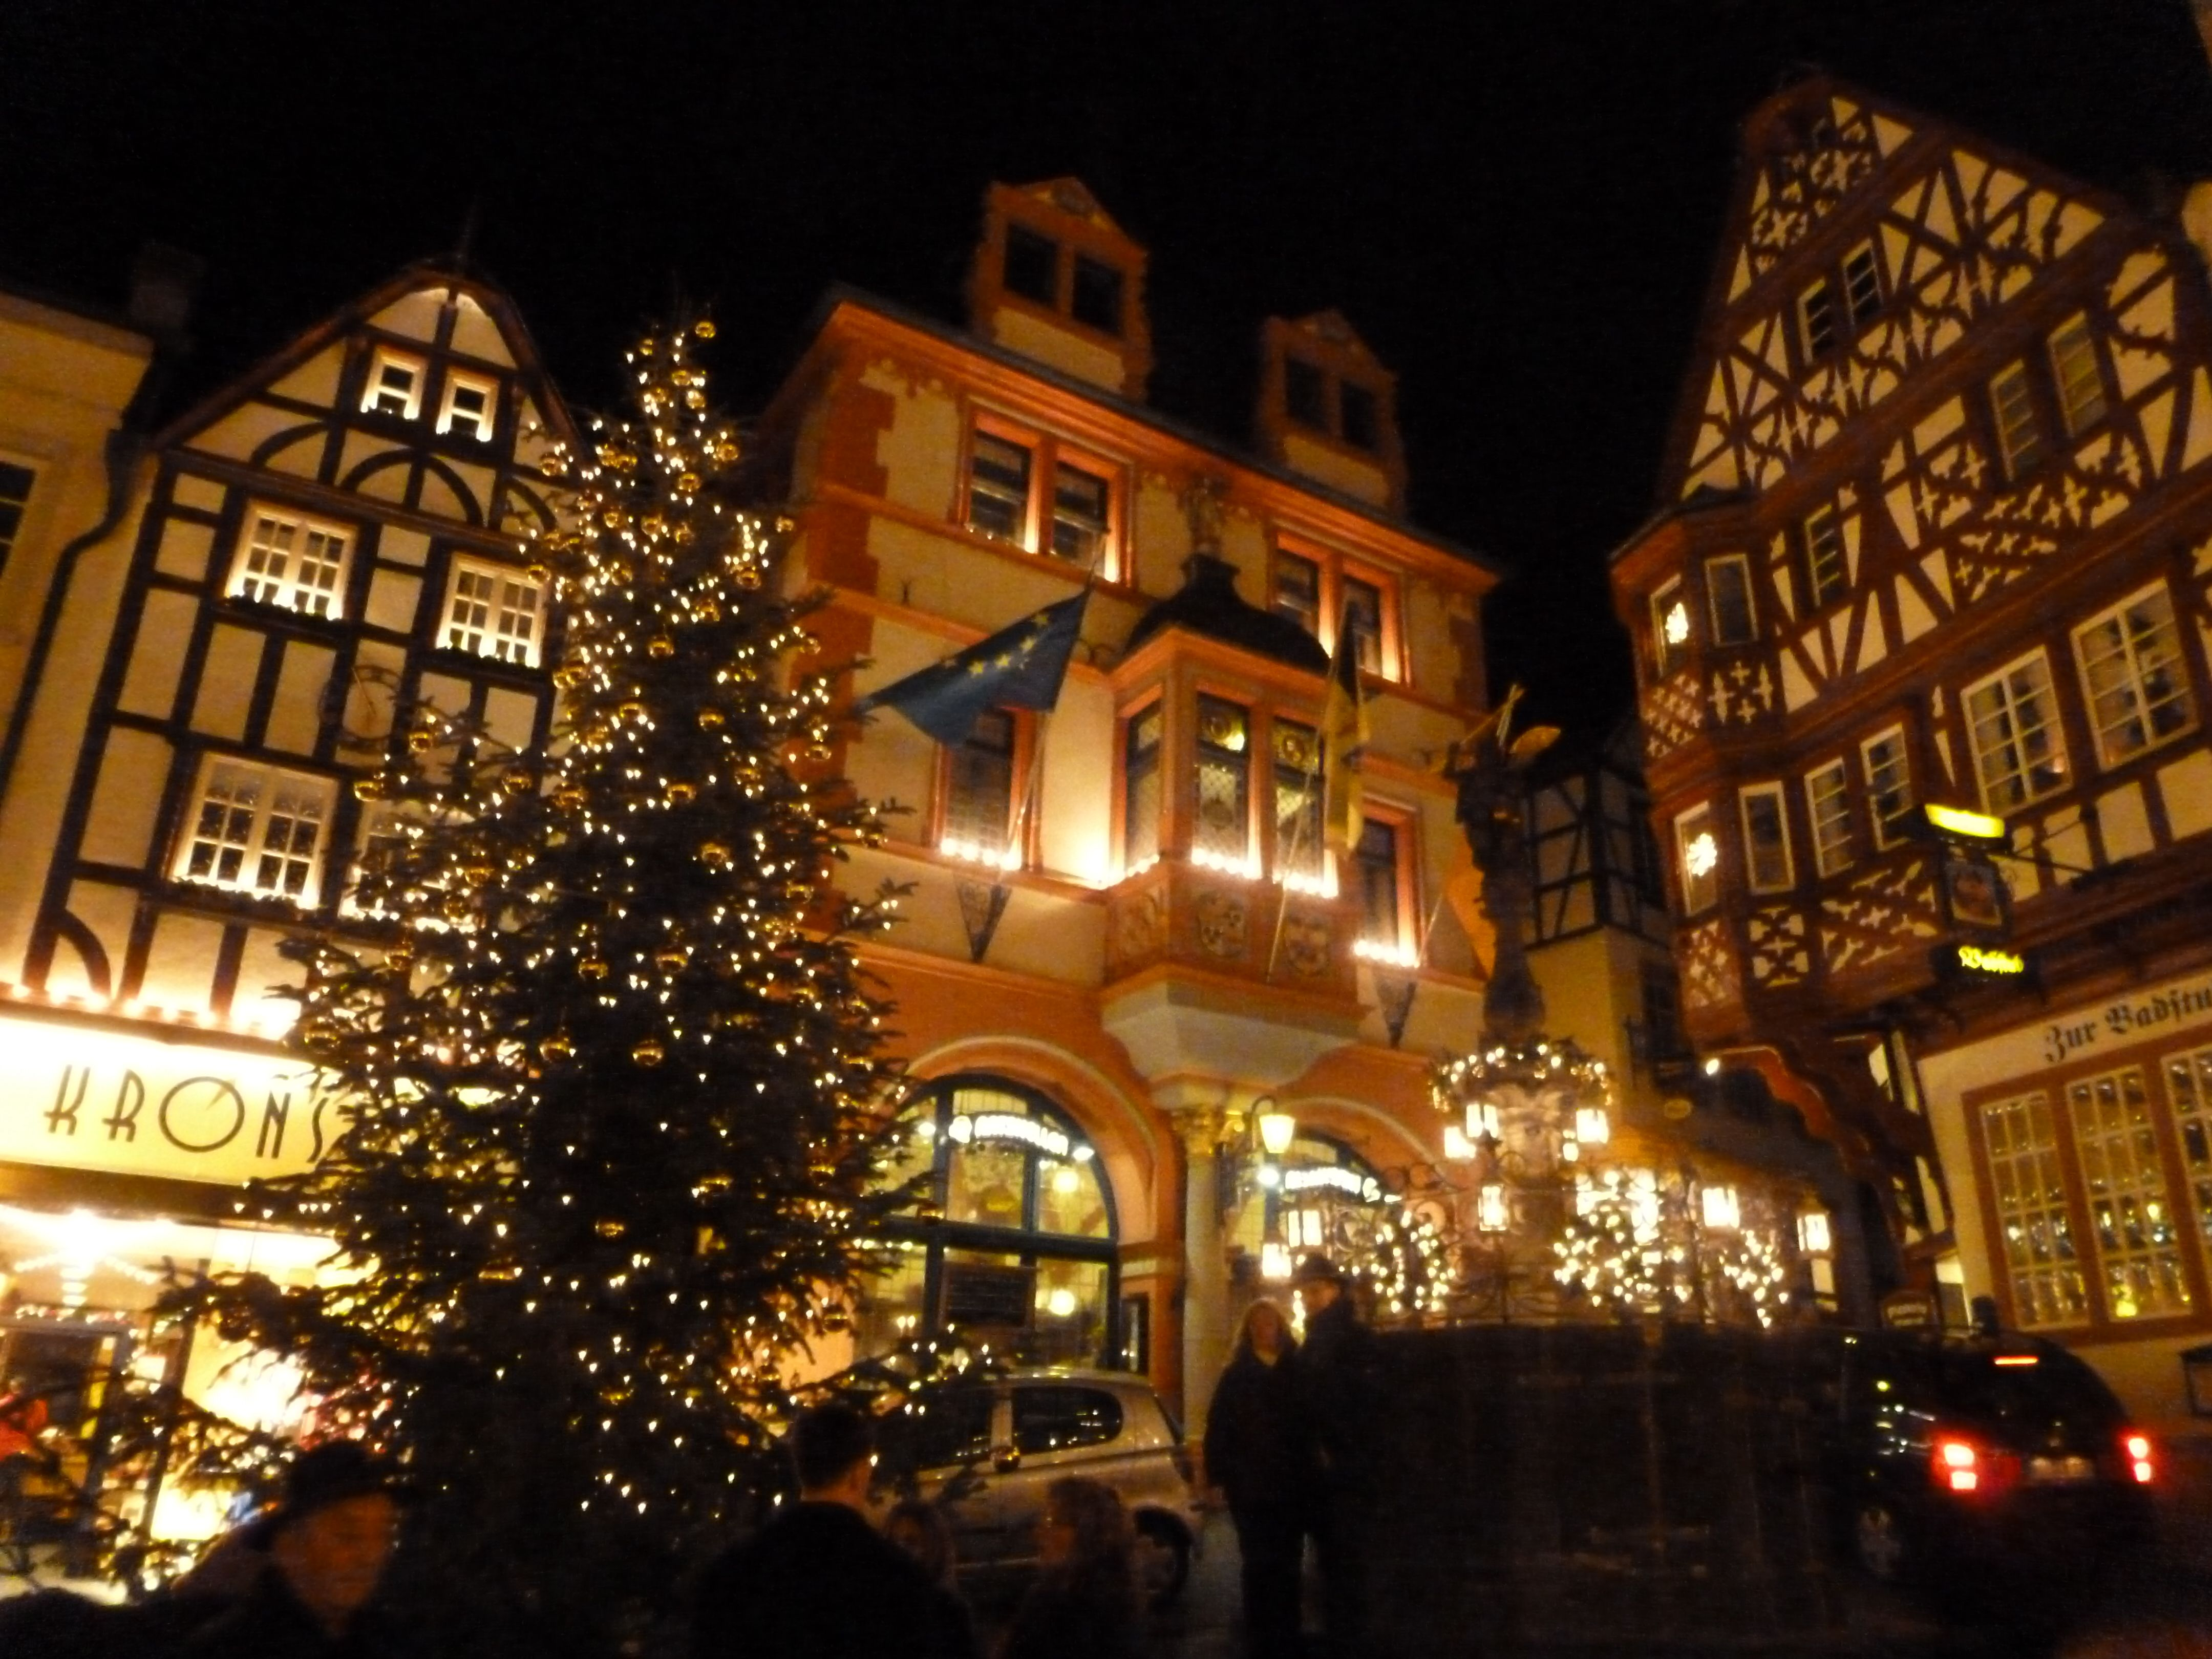 Frohe Weihnachten Aus Deutschland.Frohe Weihnachten Aus Deutschland Germany Christmas In